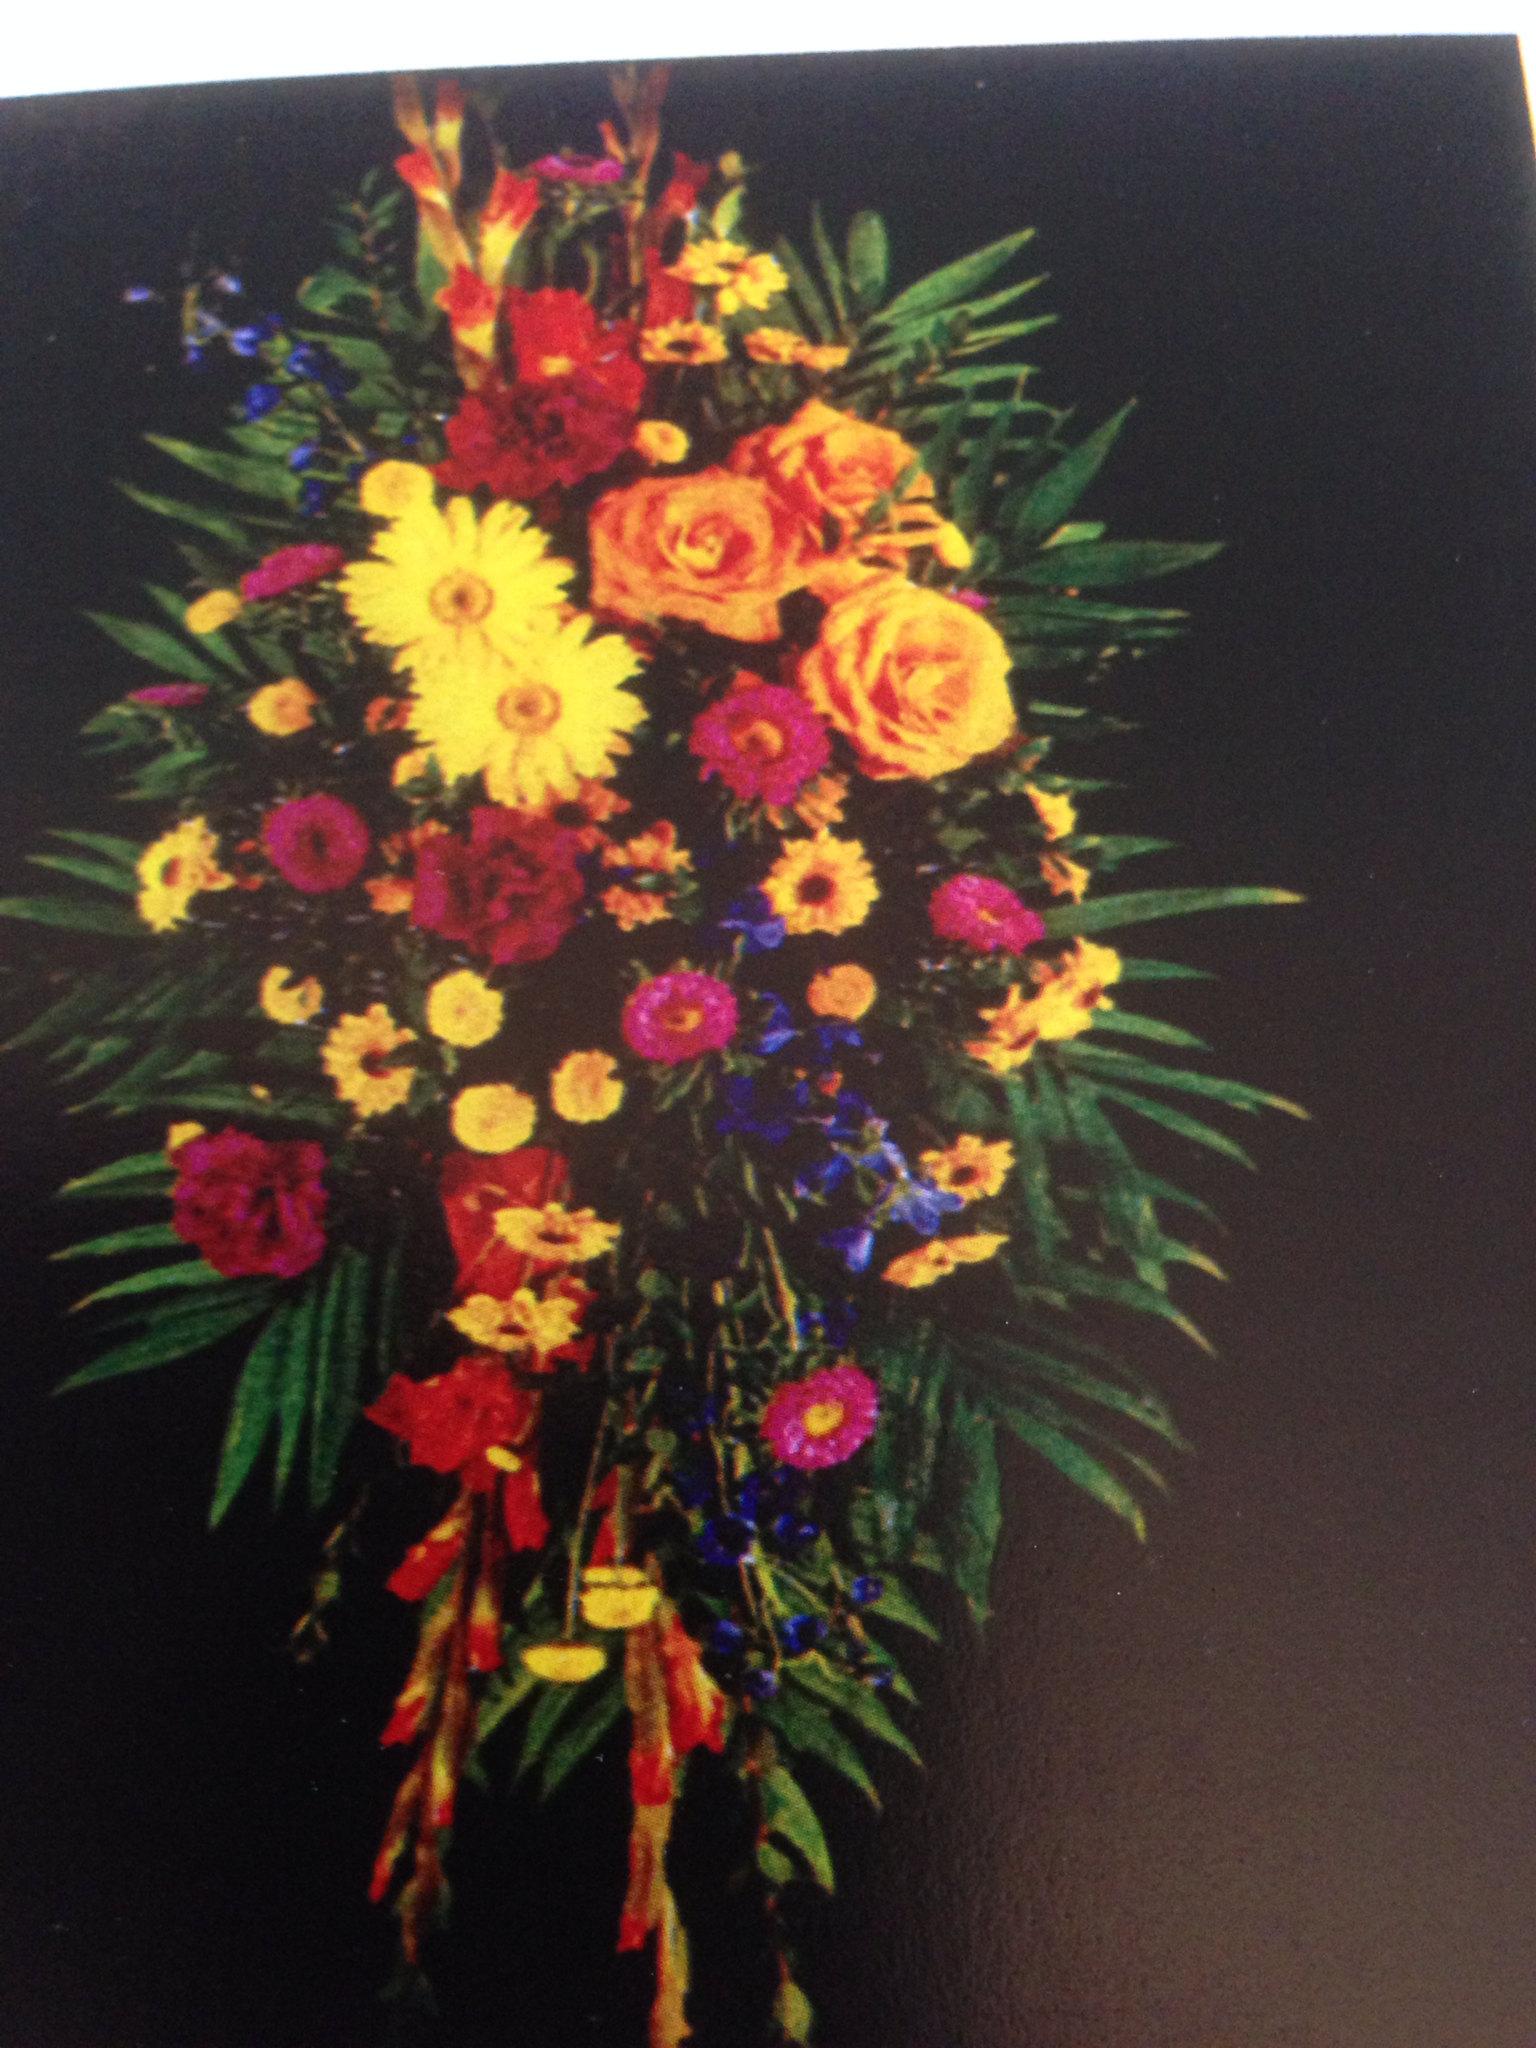 Farah florist. F-sp-6.        $300-350